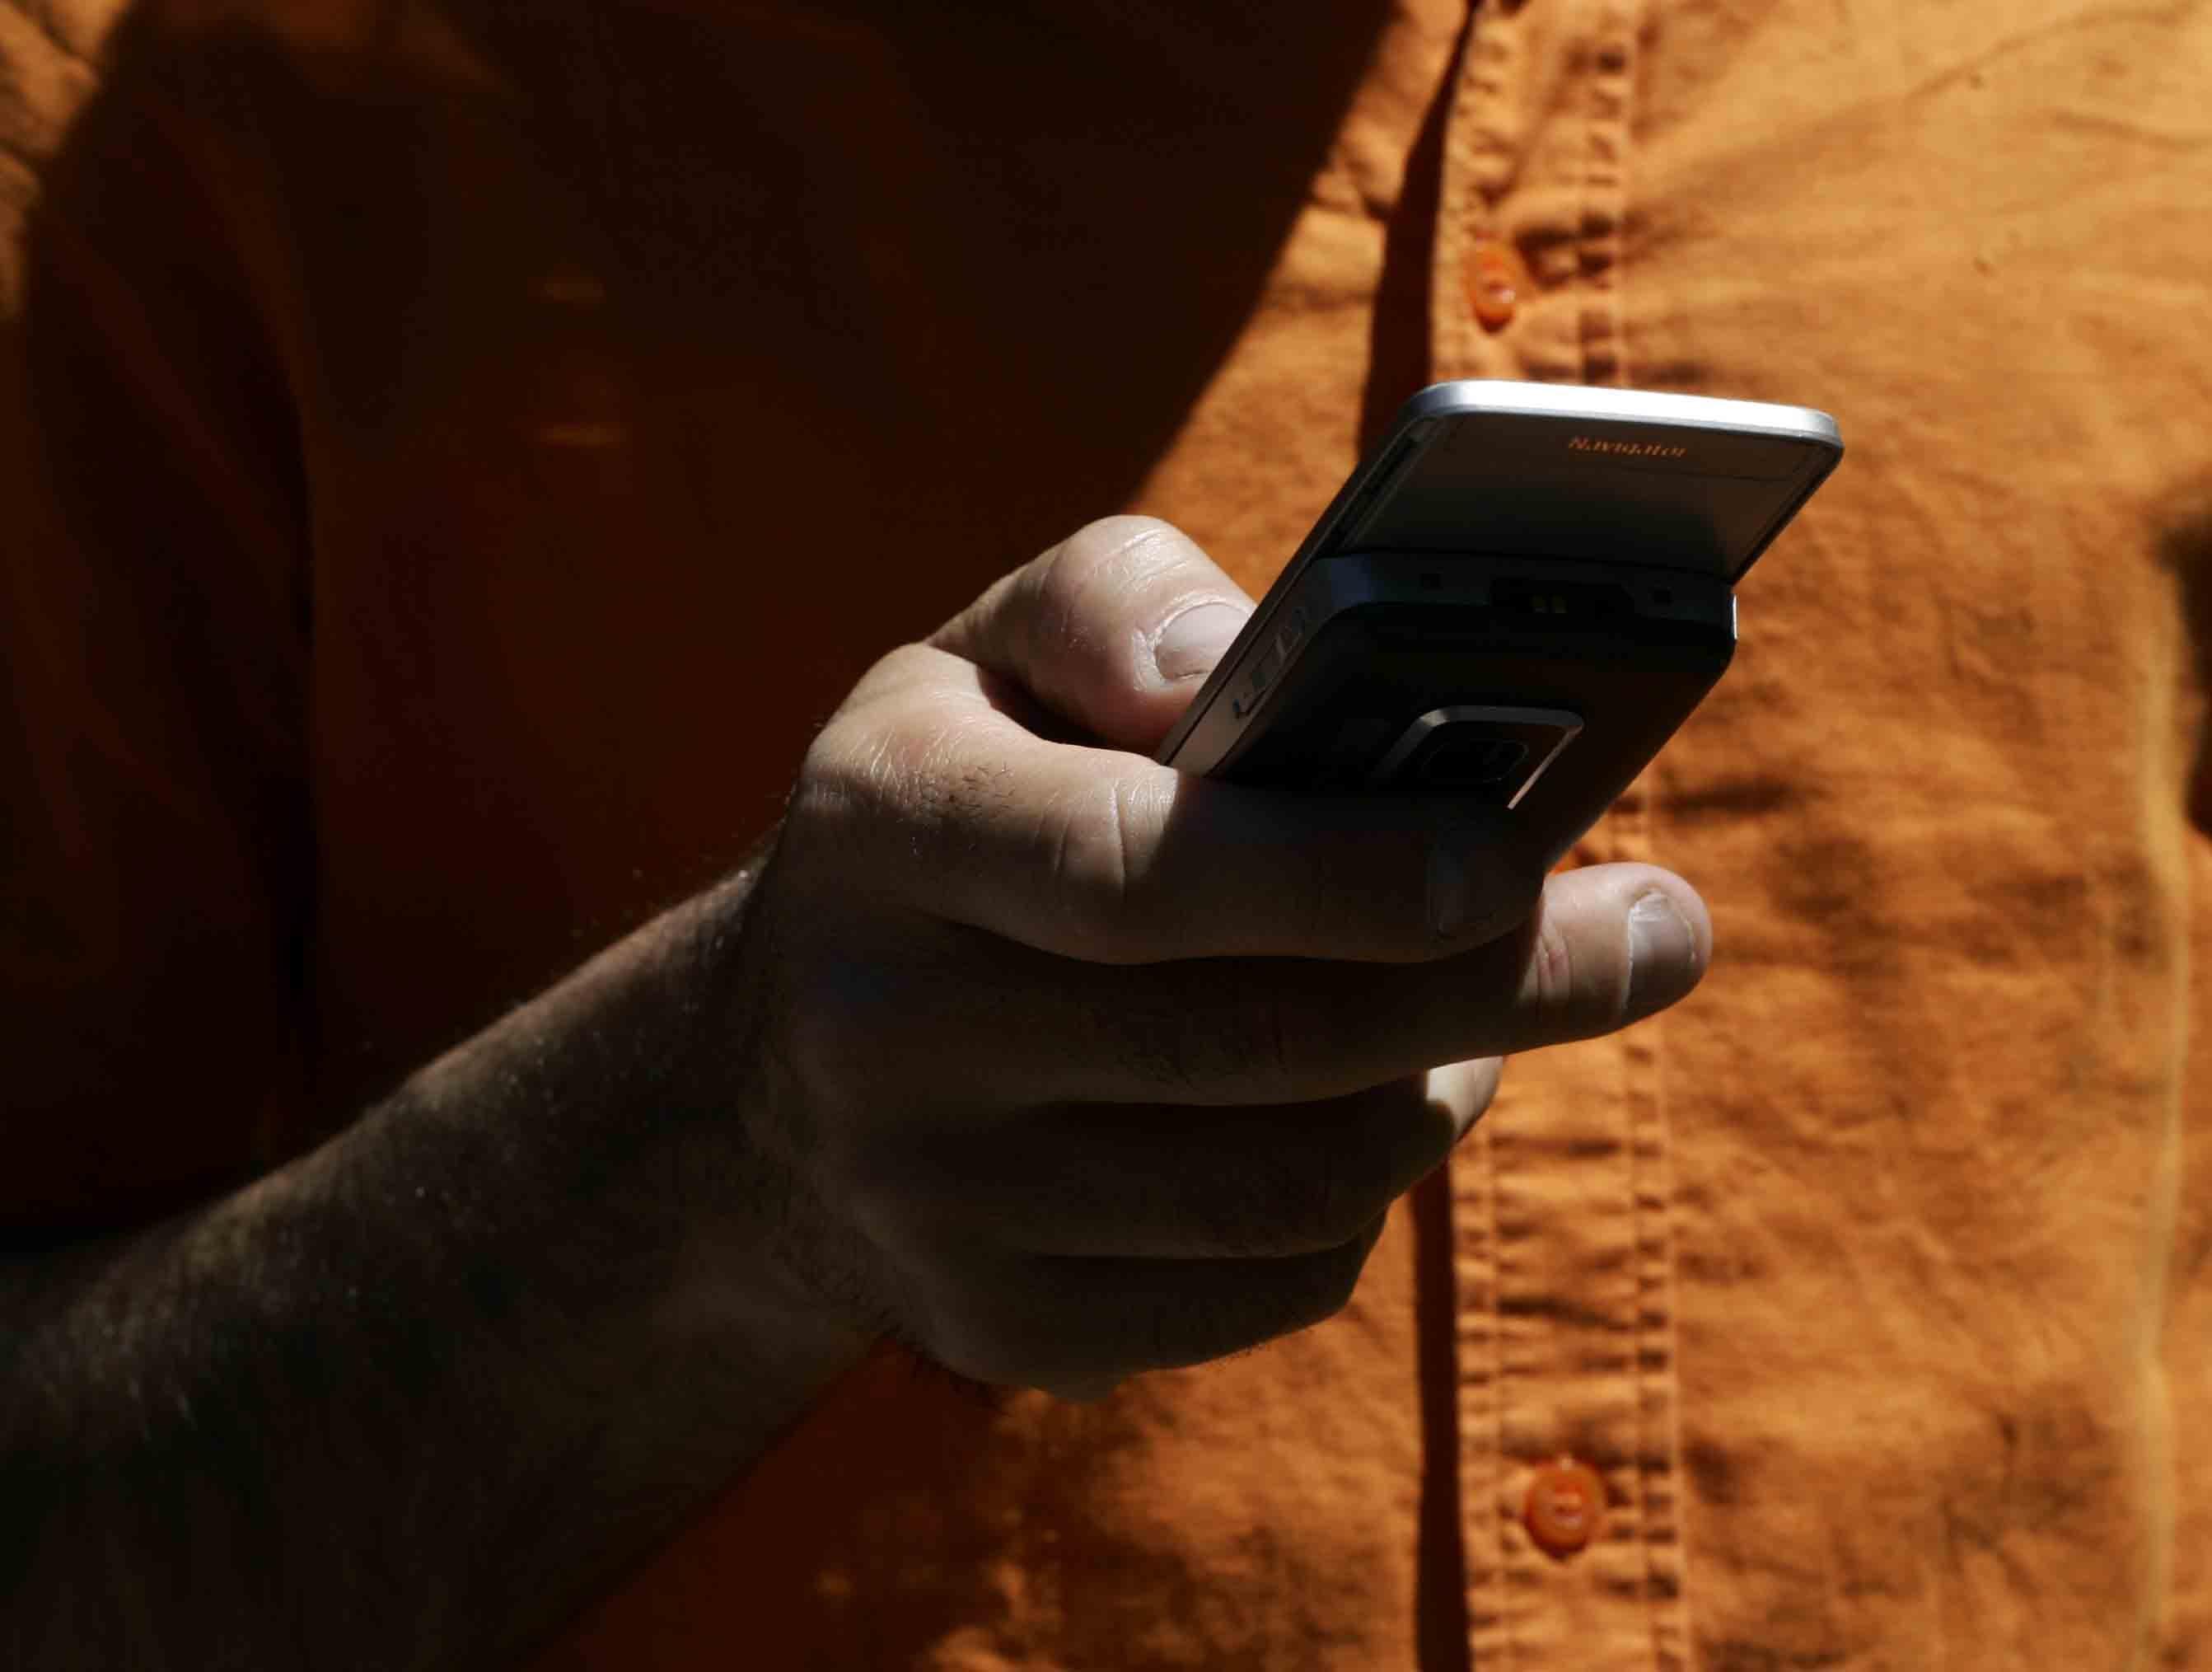 La OCDE exige más competencia para reducir los precios «excesivos» en tarifas móviles internacionales